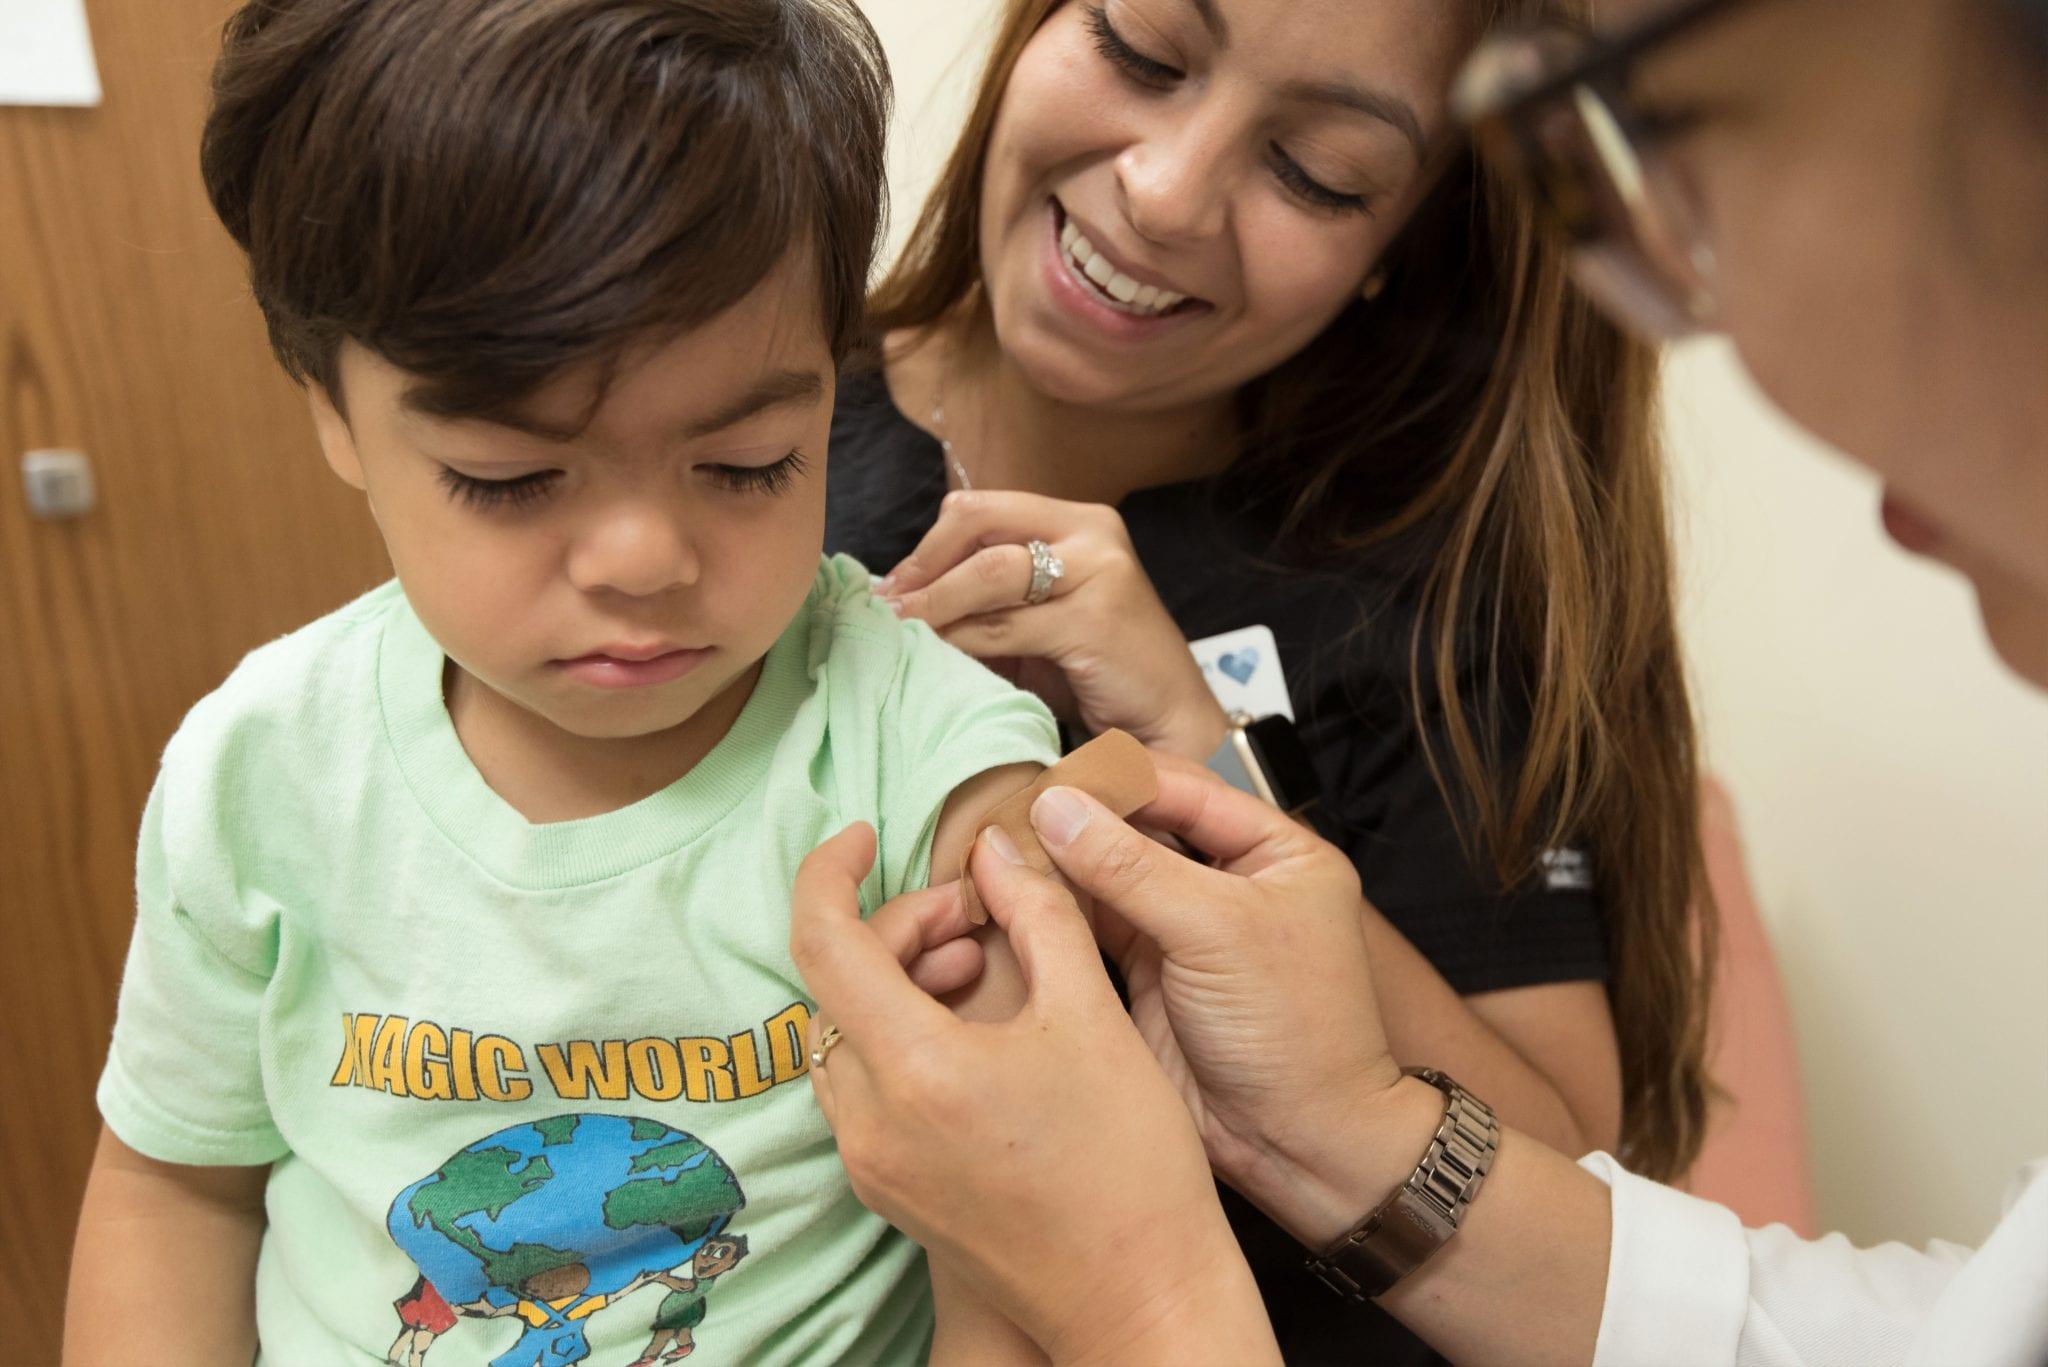 chilean boy receiving health care